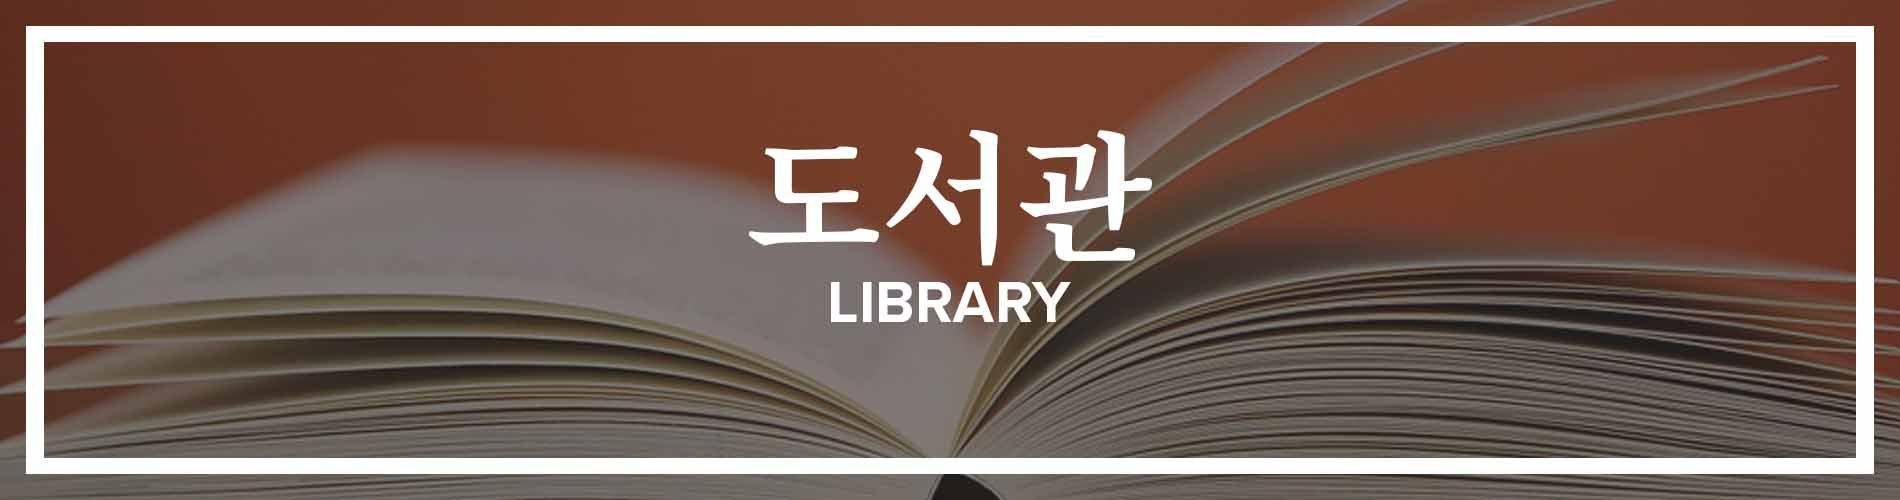 Library - Korean Banner